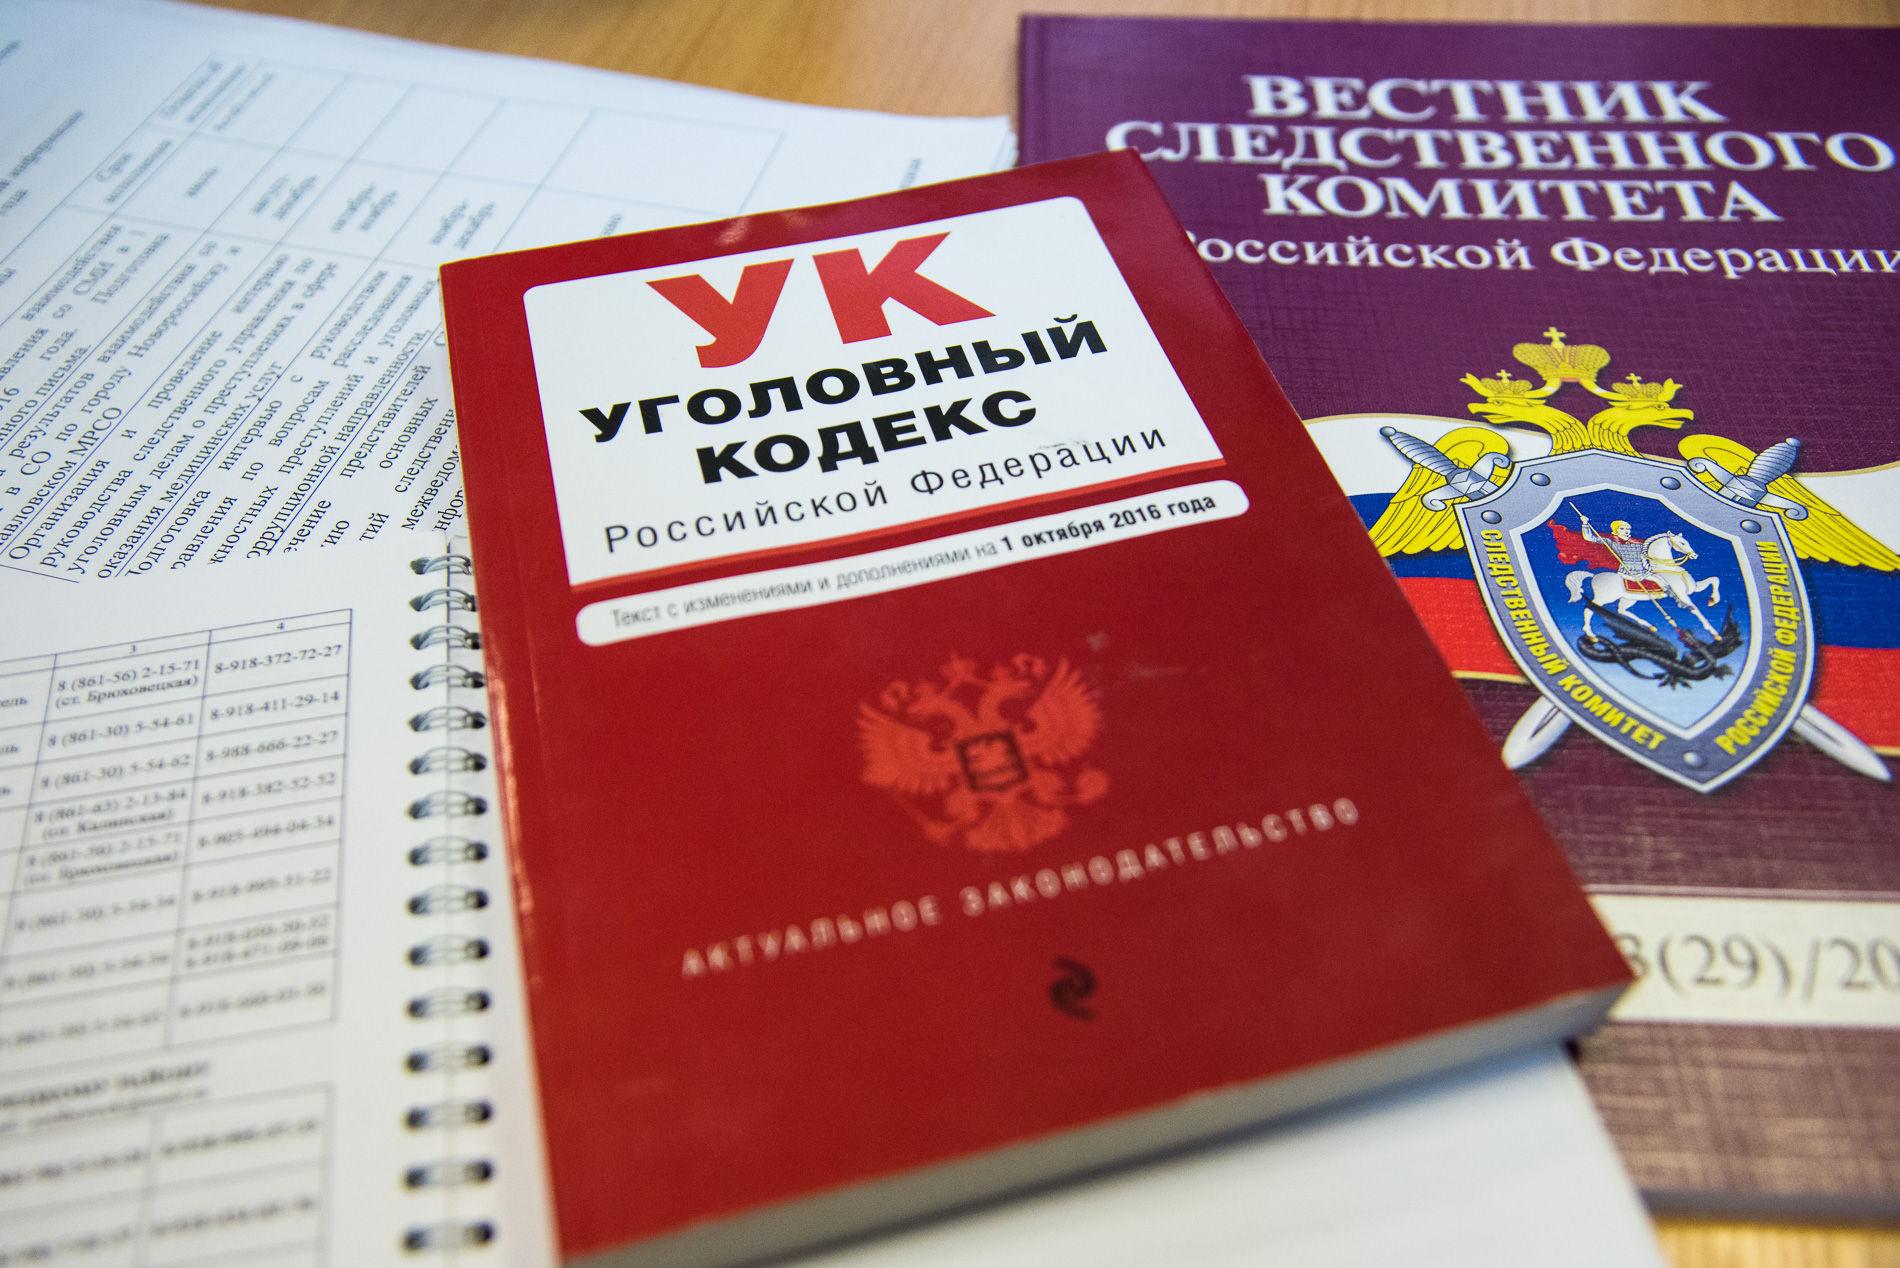 Гражданин Усть-Лабинска забил приятеля дубинкой